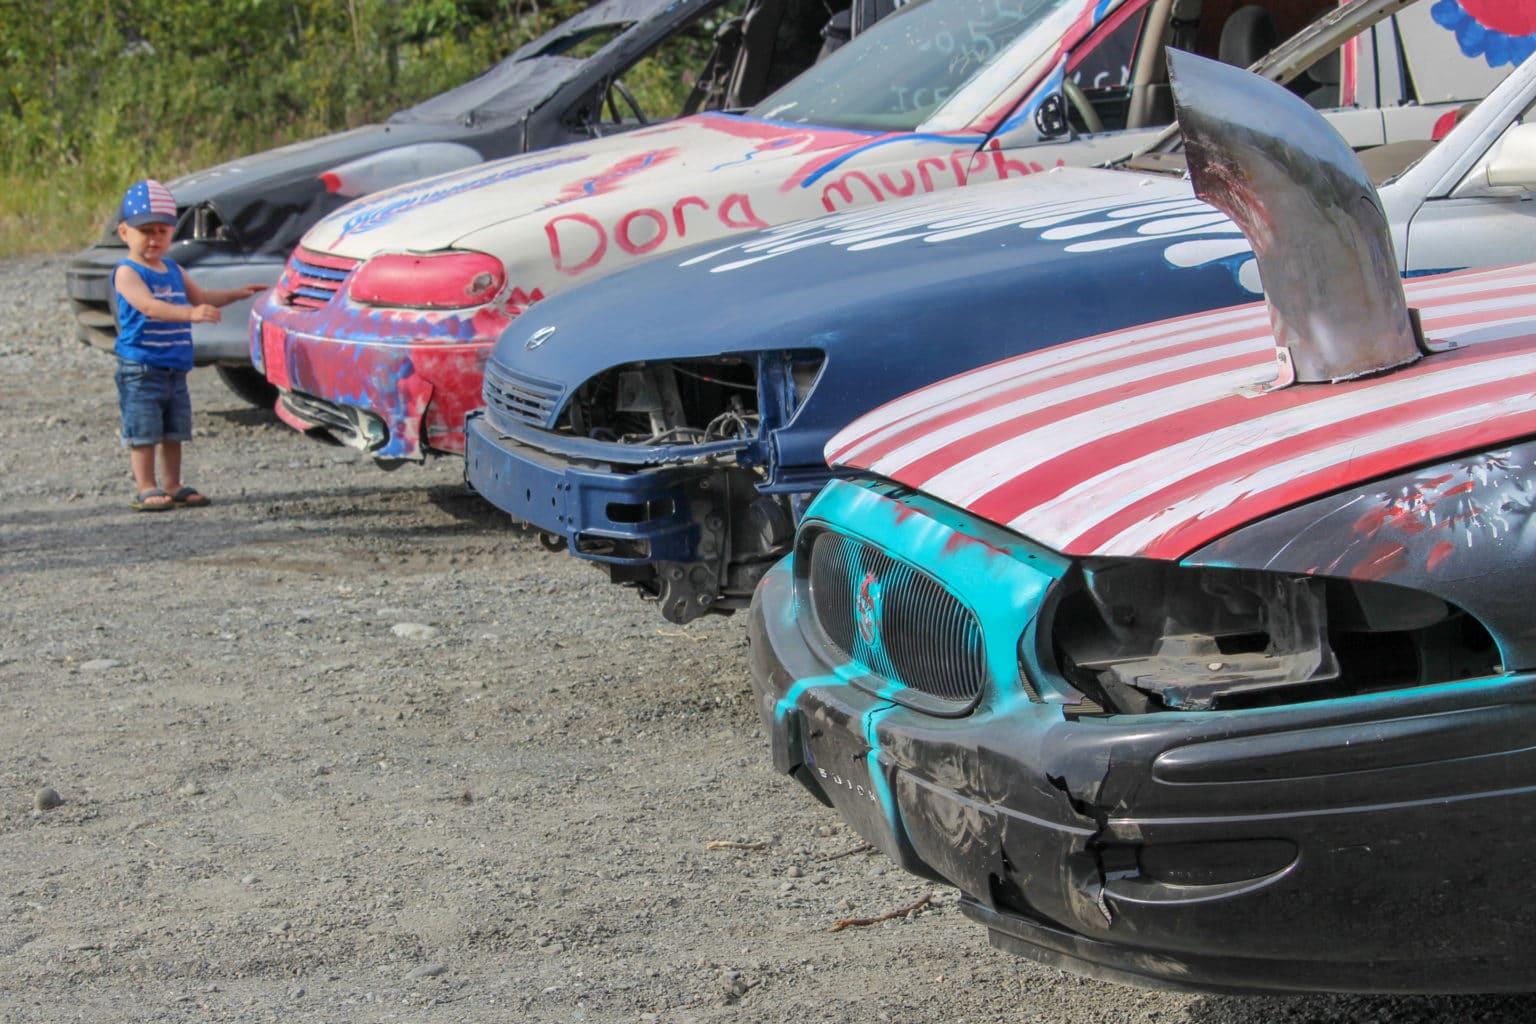 Xe thường được sơn màu theo lá cờ Mỹ trước khi tham gia sự kiện. Ảnh: Roadtrippers